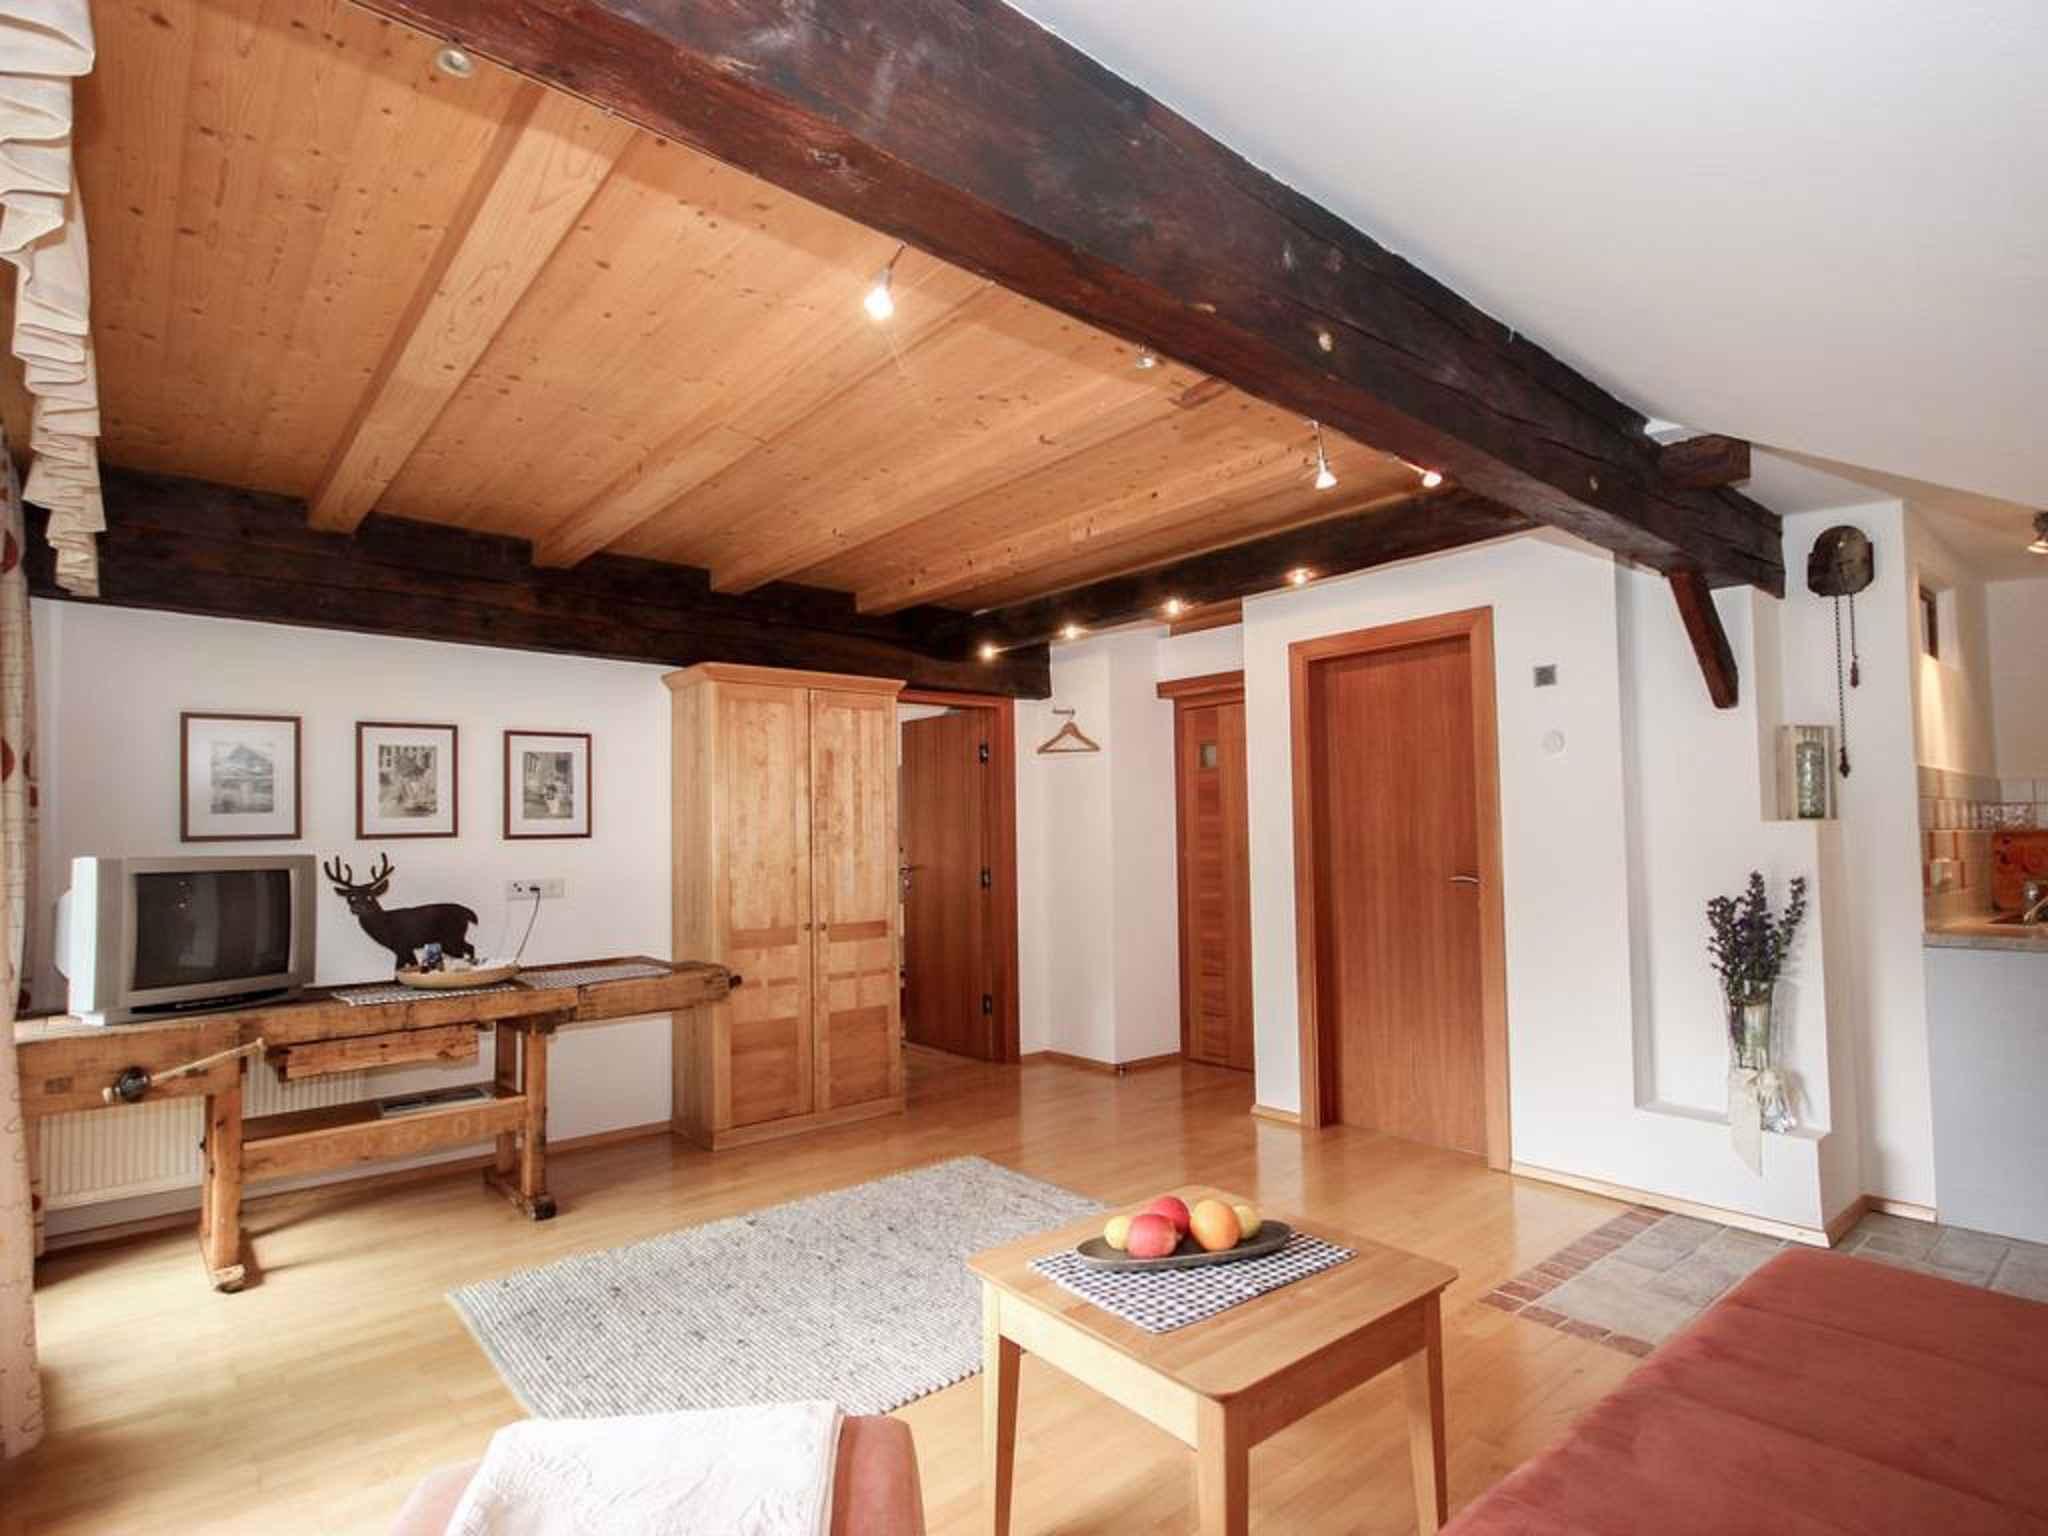 Ferienwohnung in einem über 300 Jahre alten Holzhaus (283707), Sölden (AT), Ötztal, Tirol, Österreich, Bild 22